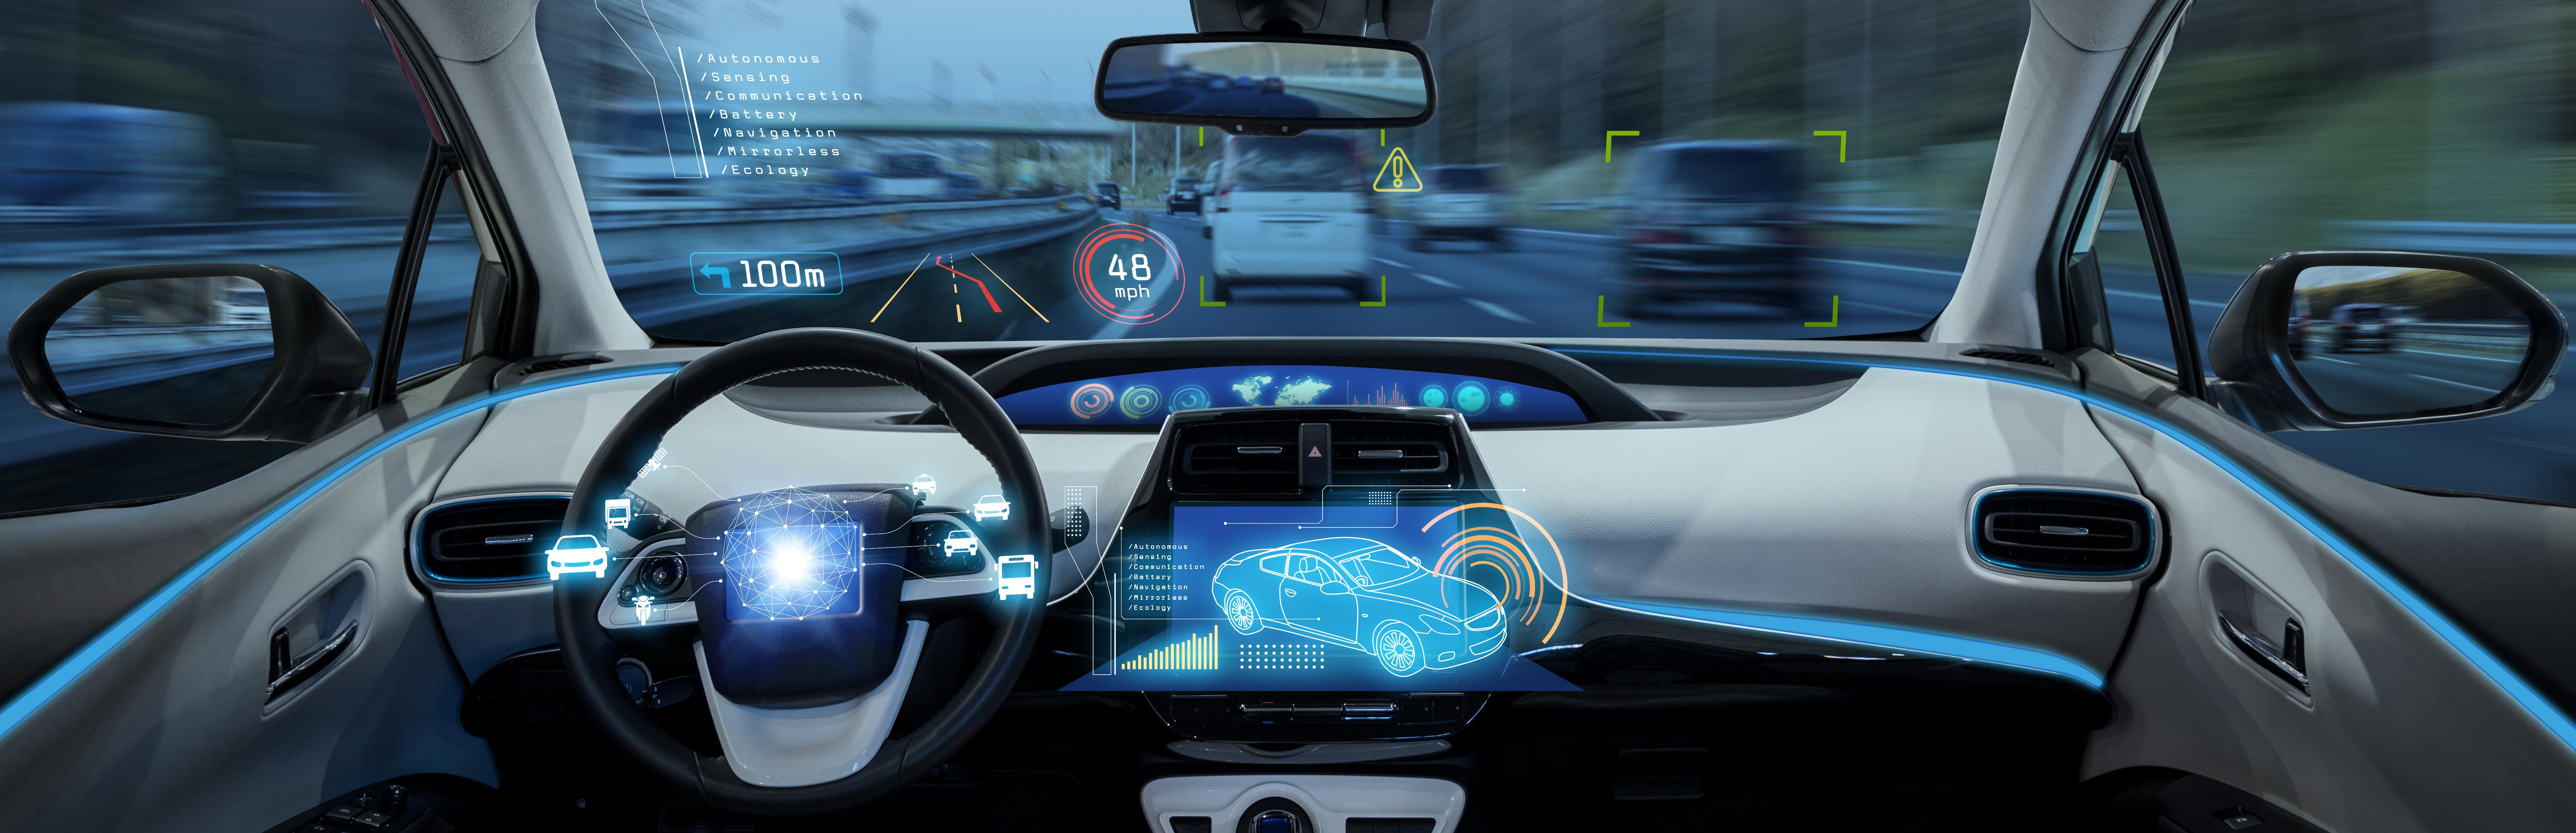 Conducción autónoma blog 900x290